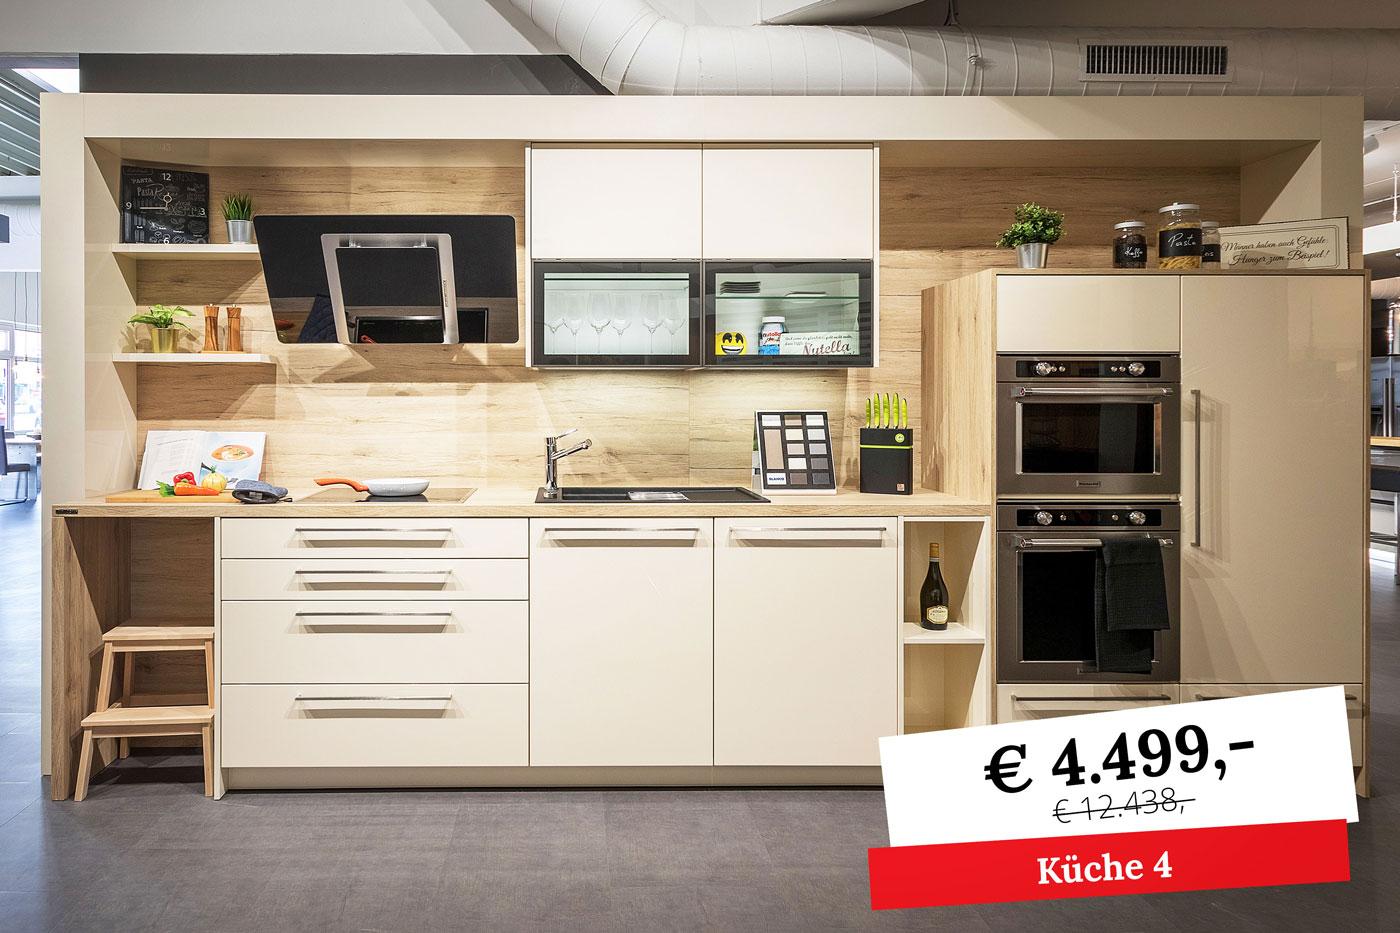 Full Size of Groe Hausmesse Bis 1232020 Dankchen Studio Leonding Inselküche Abverkauf Bad Wohnzimmer Ausstellungsküchen Abverkauf